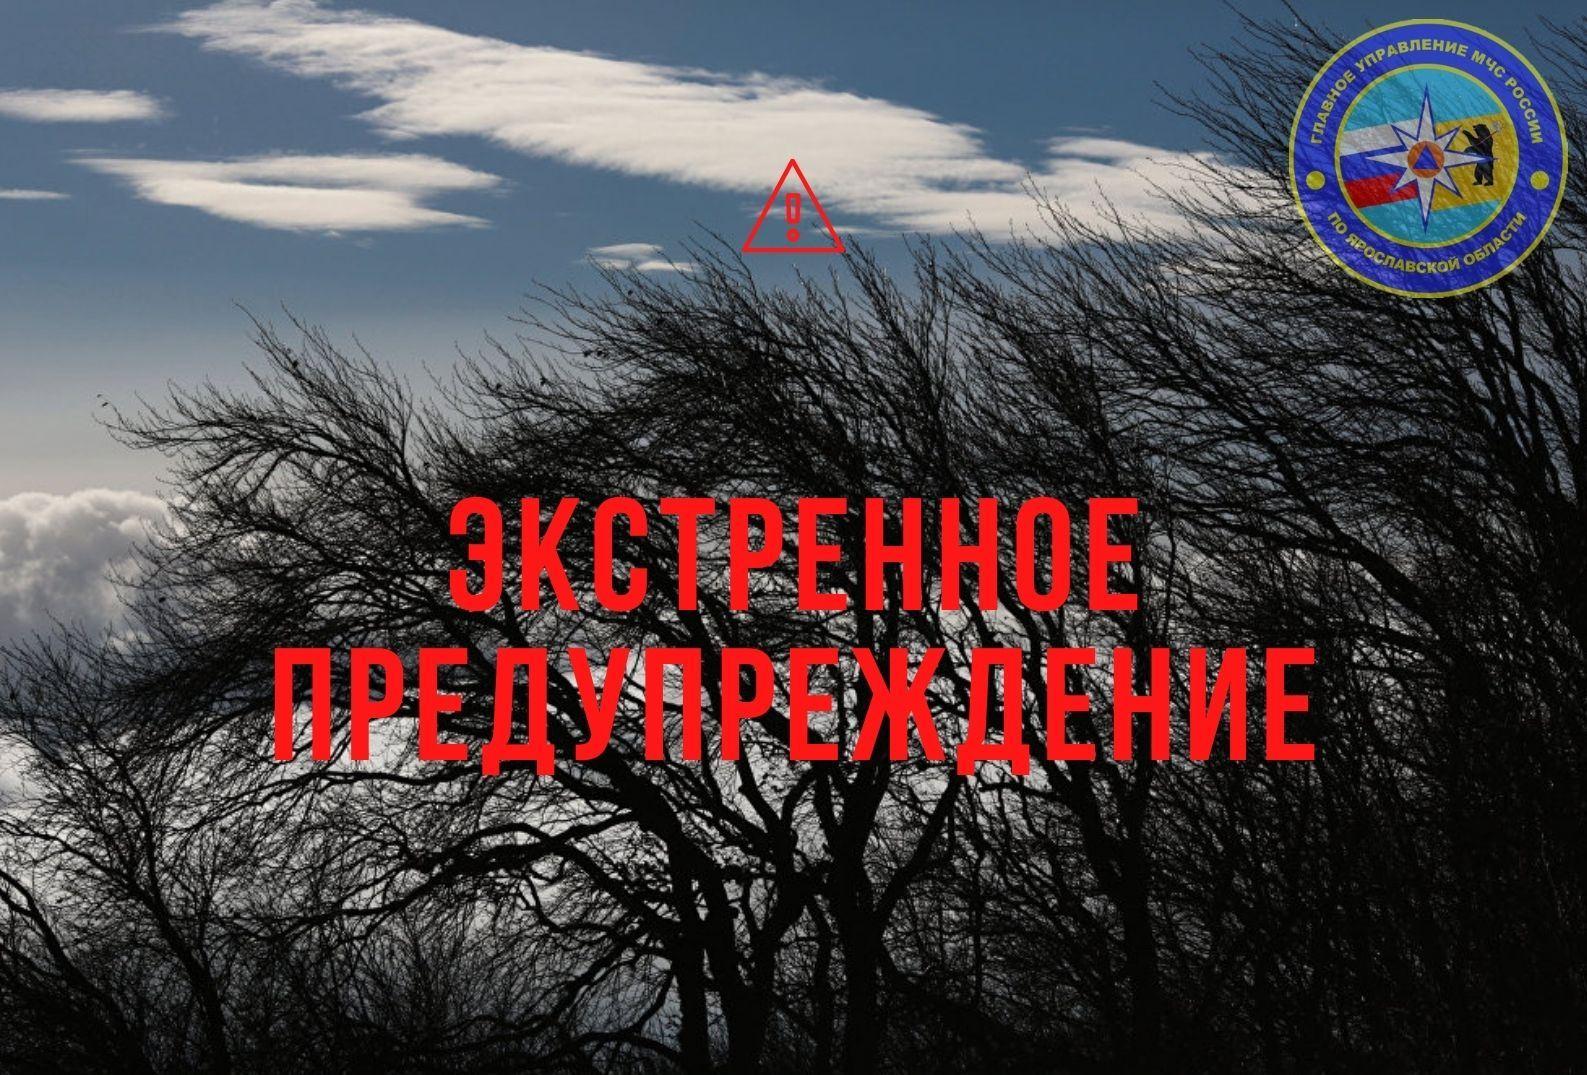 МЧС предупредило о второй погодной угрозе в Ярославской области на 19 мая